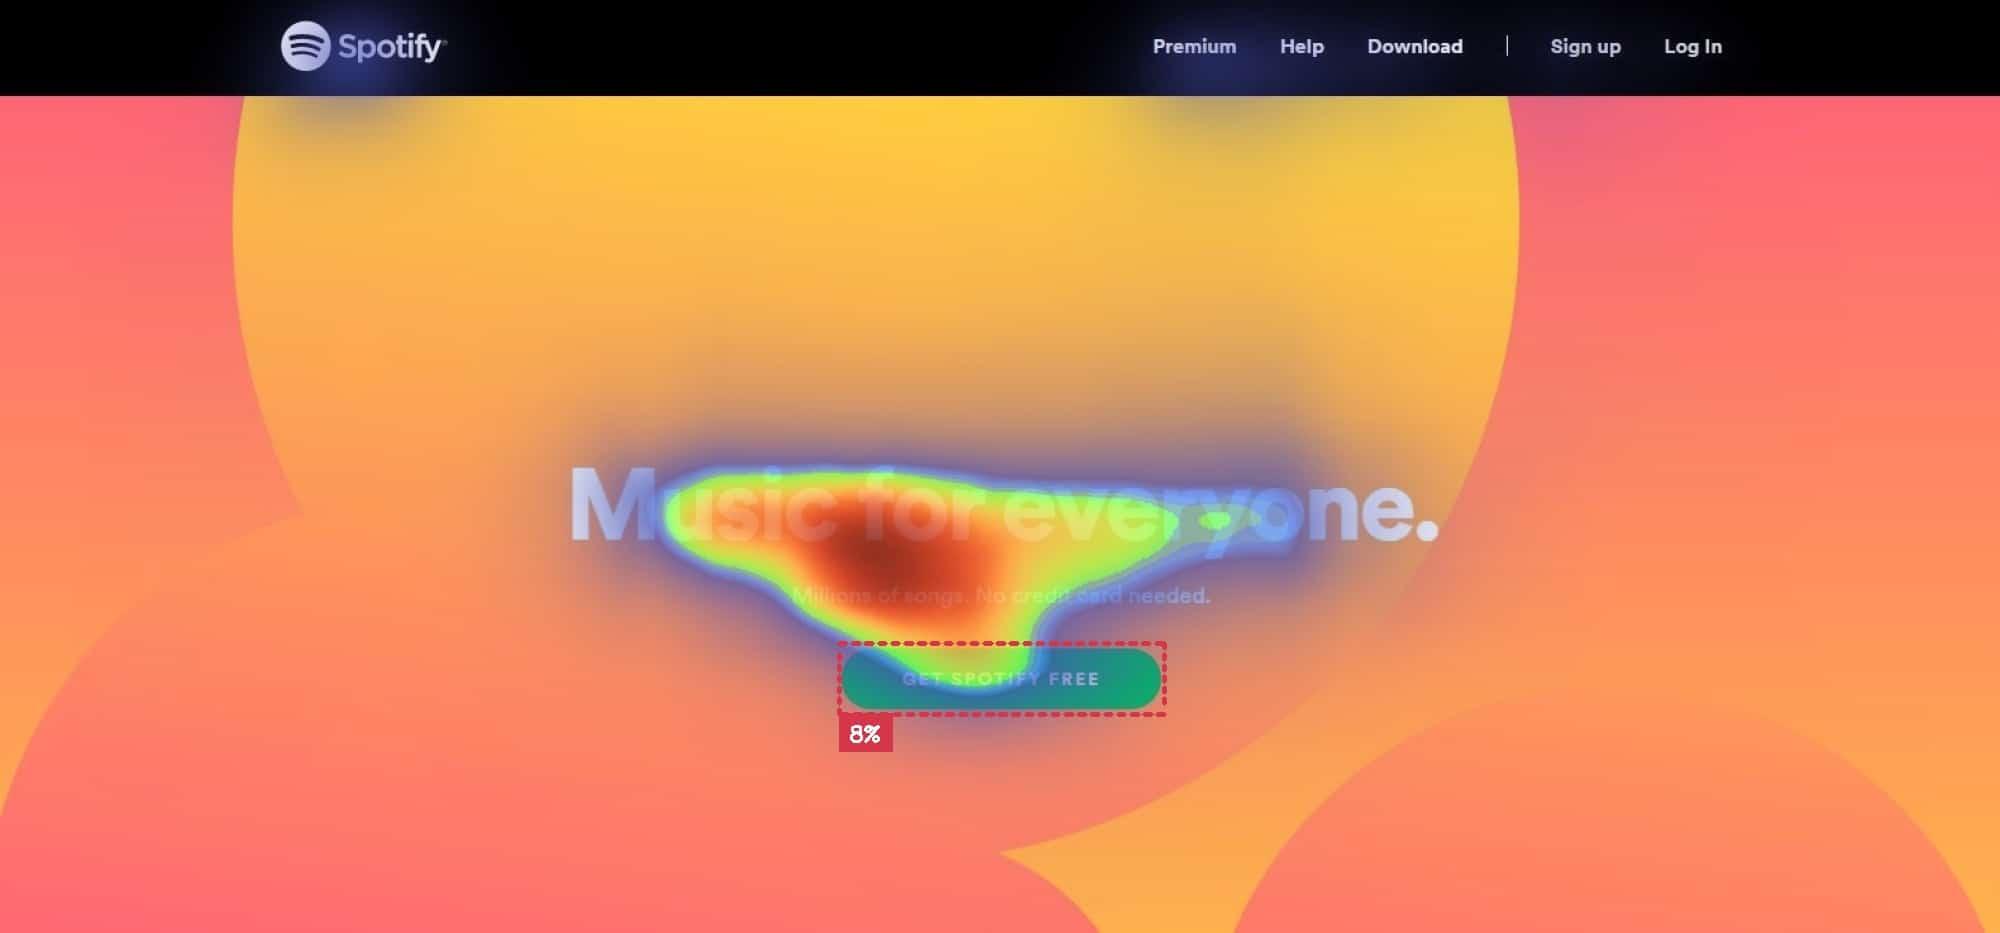 aoi_heatmap_screenshot10jpg